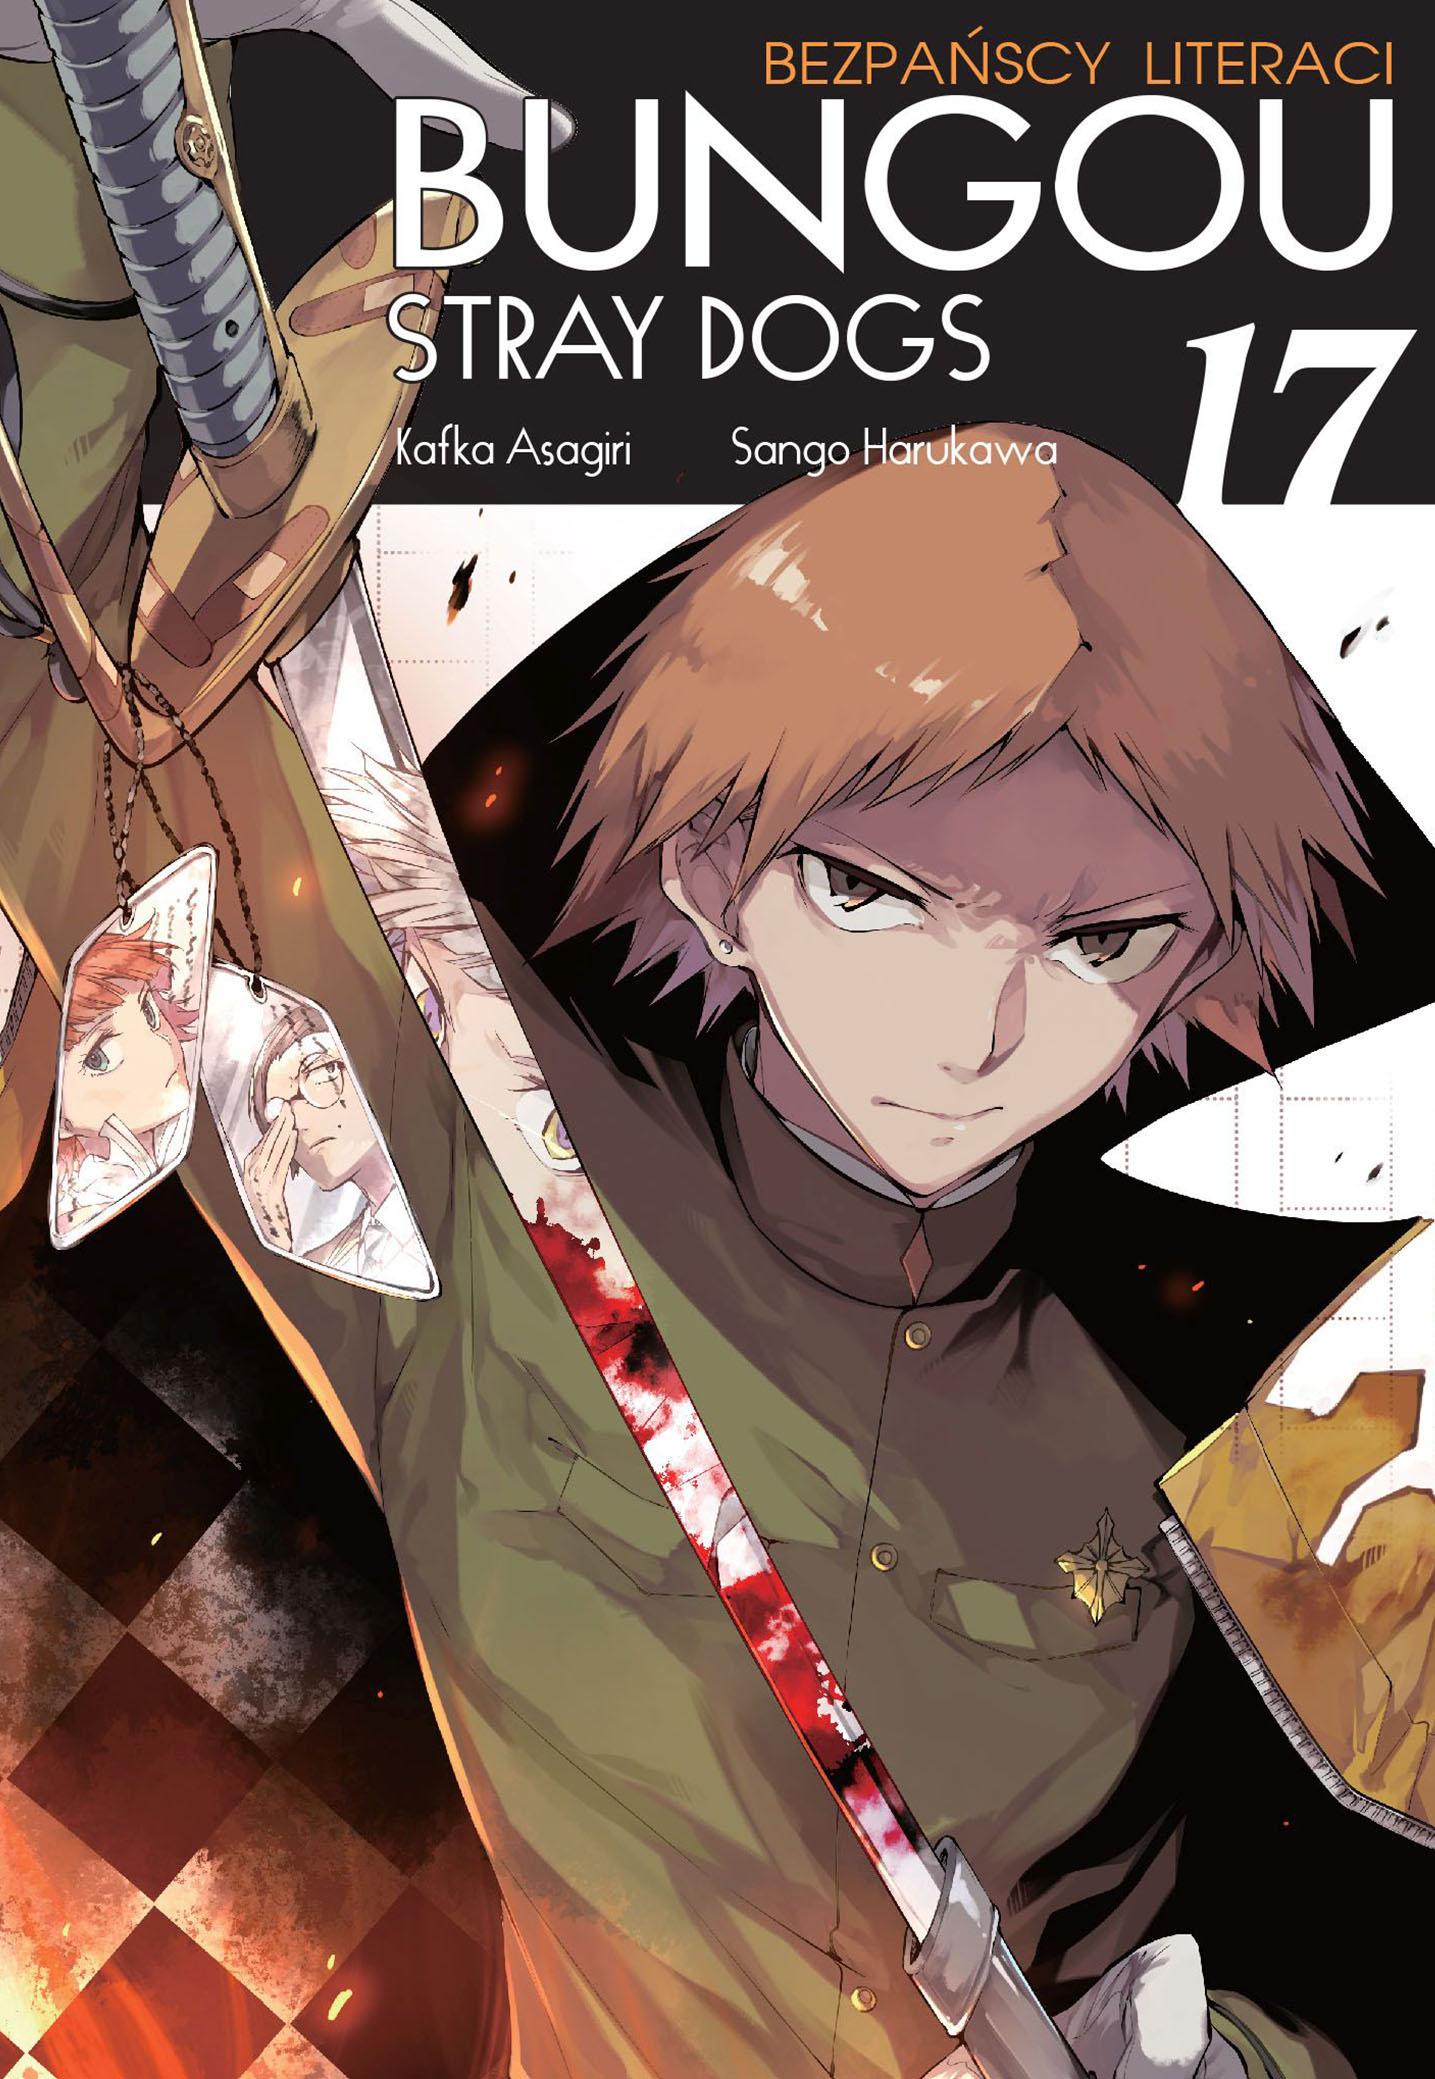 Bungou Stray Dogs - Bezpańscy Literaci